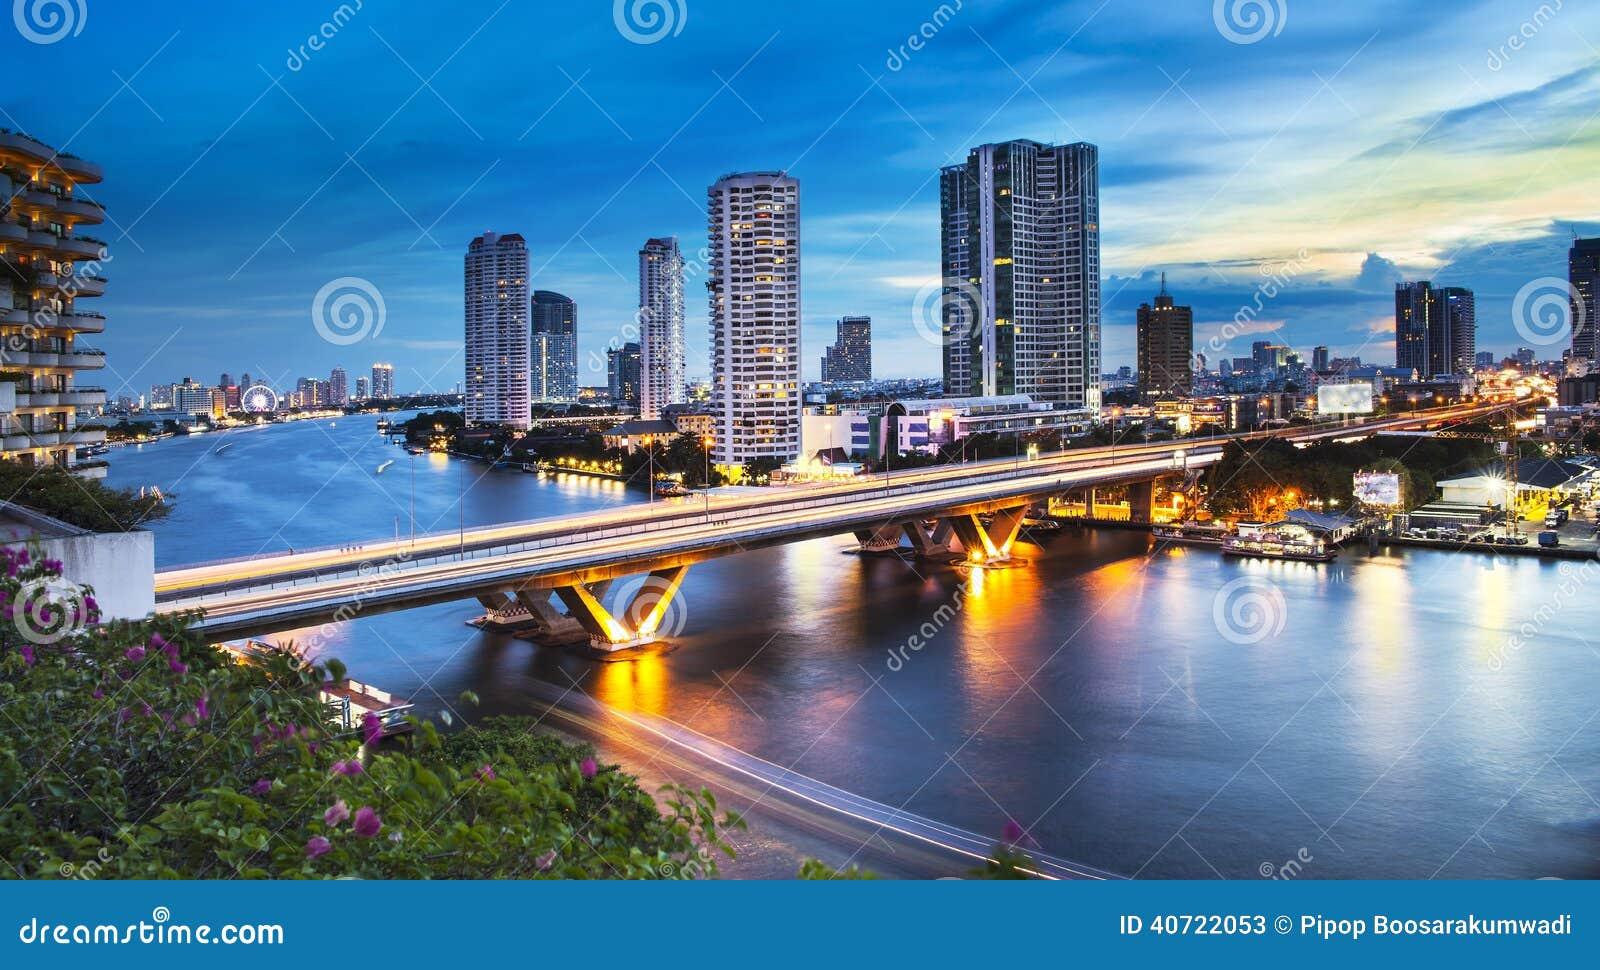 Skyline urbana da cidade, Chao Phraya River, Banguecoque, Tailândia